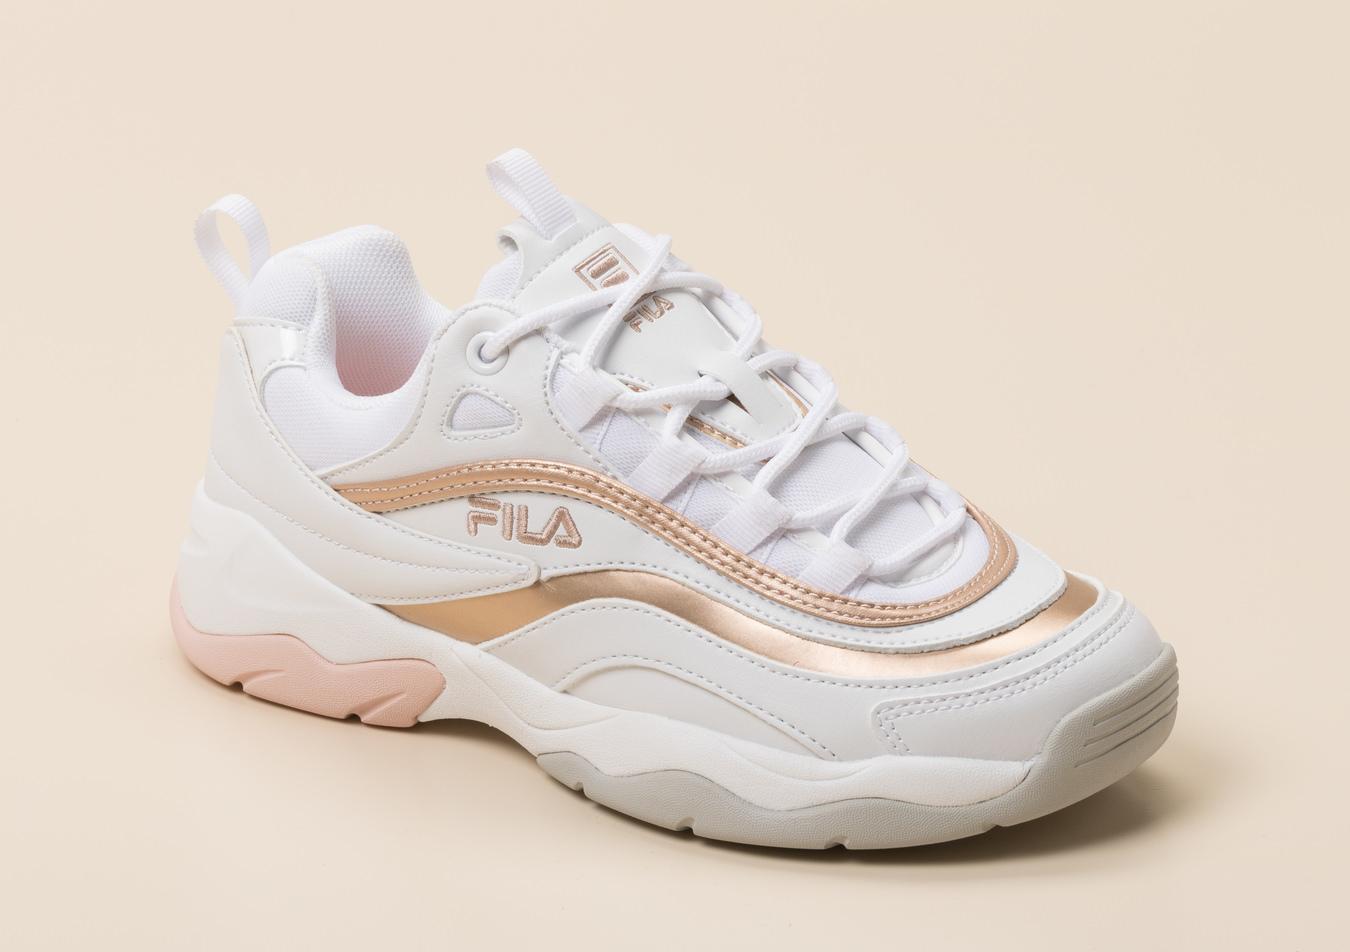 Roségoldene Schuhe von Fila